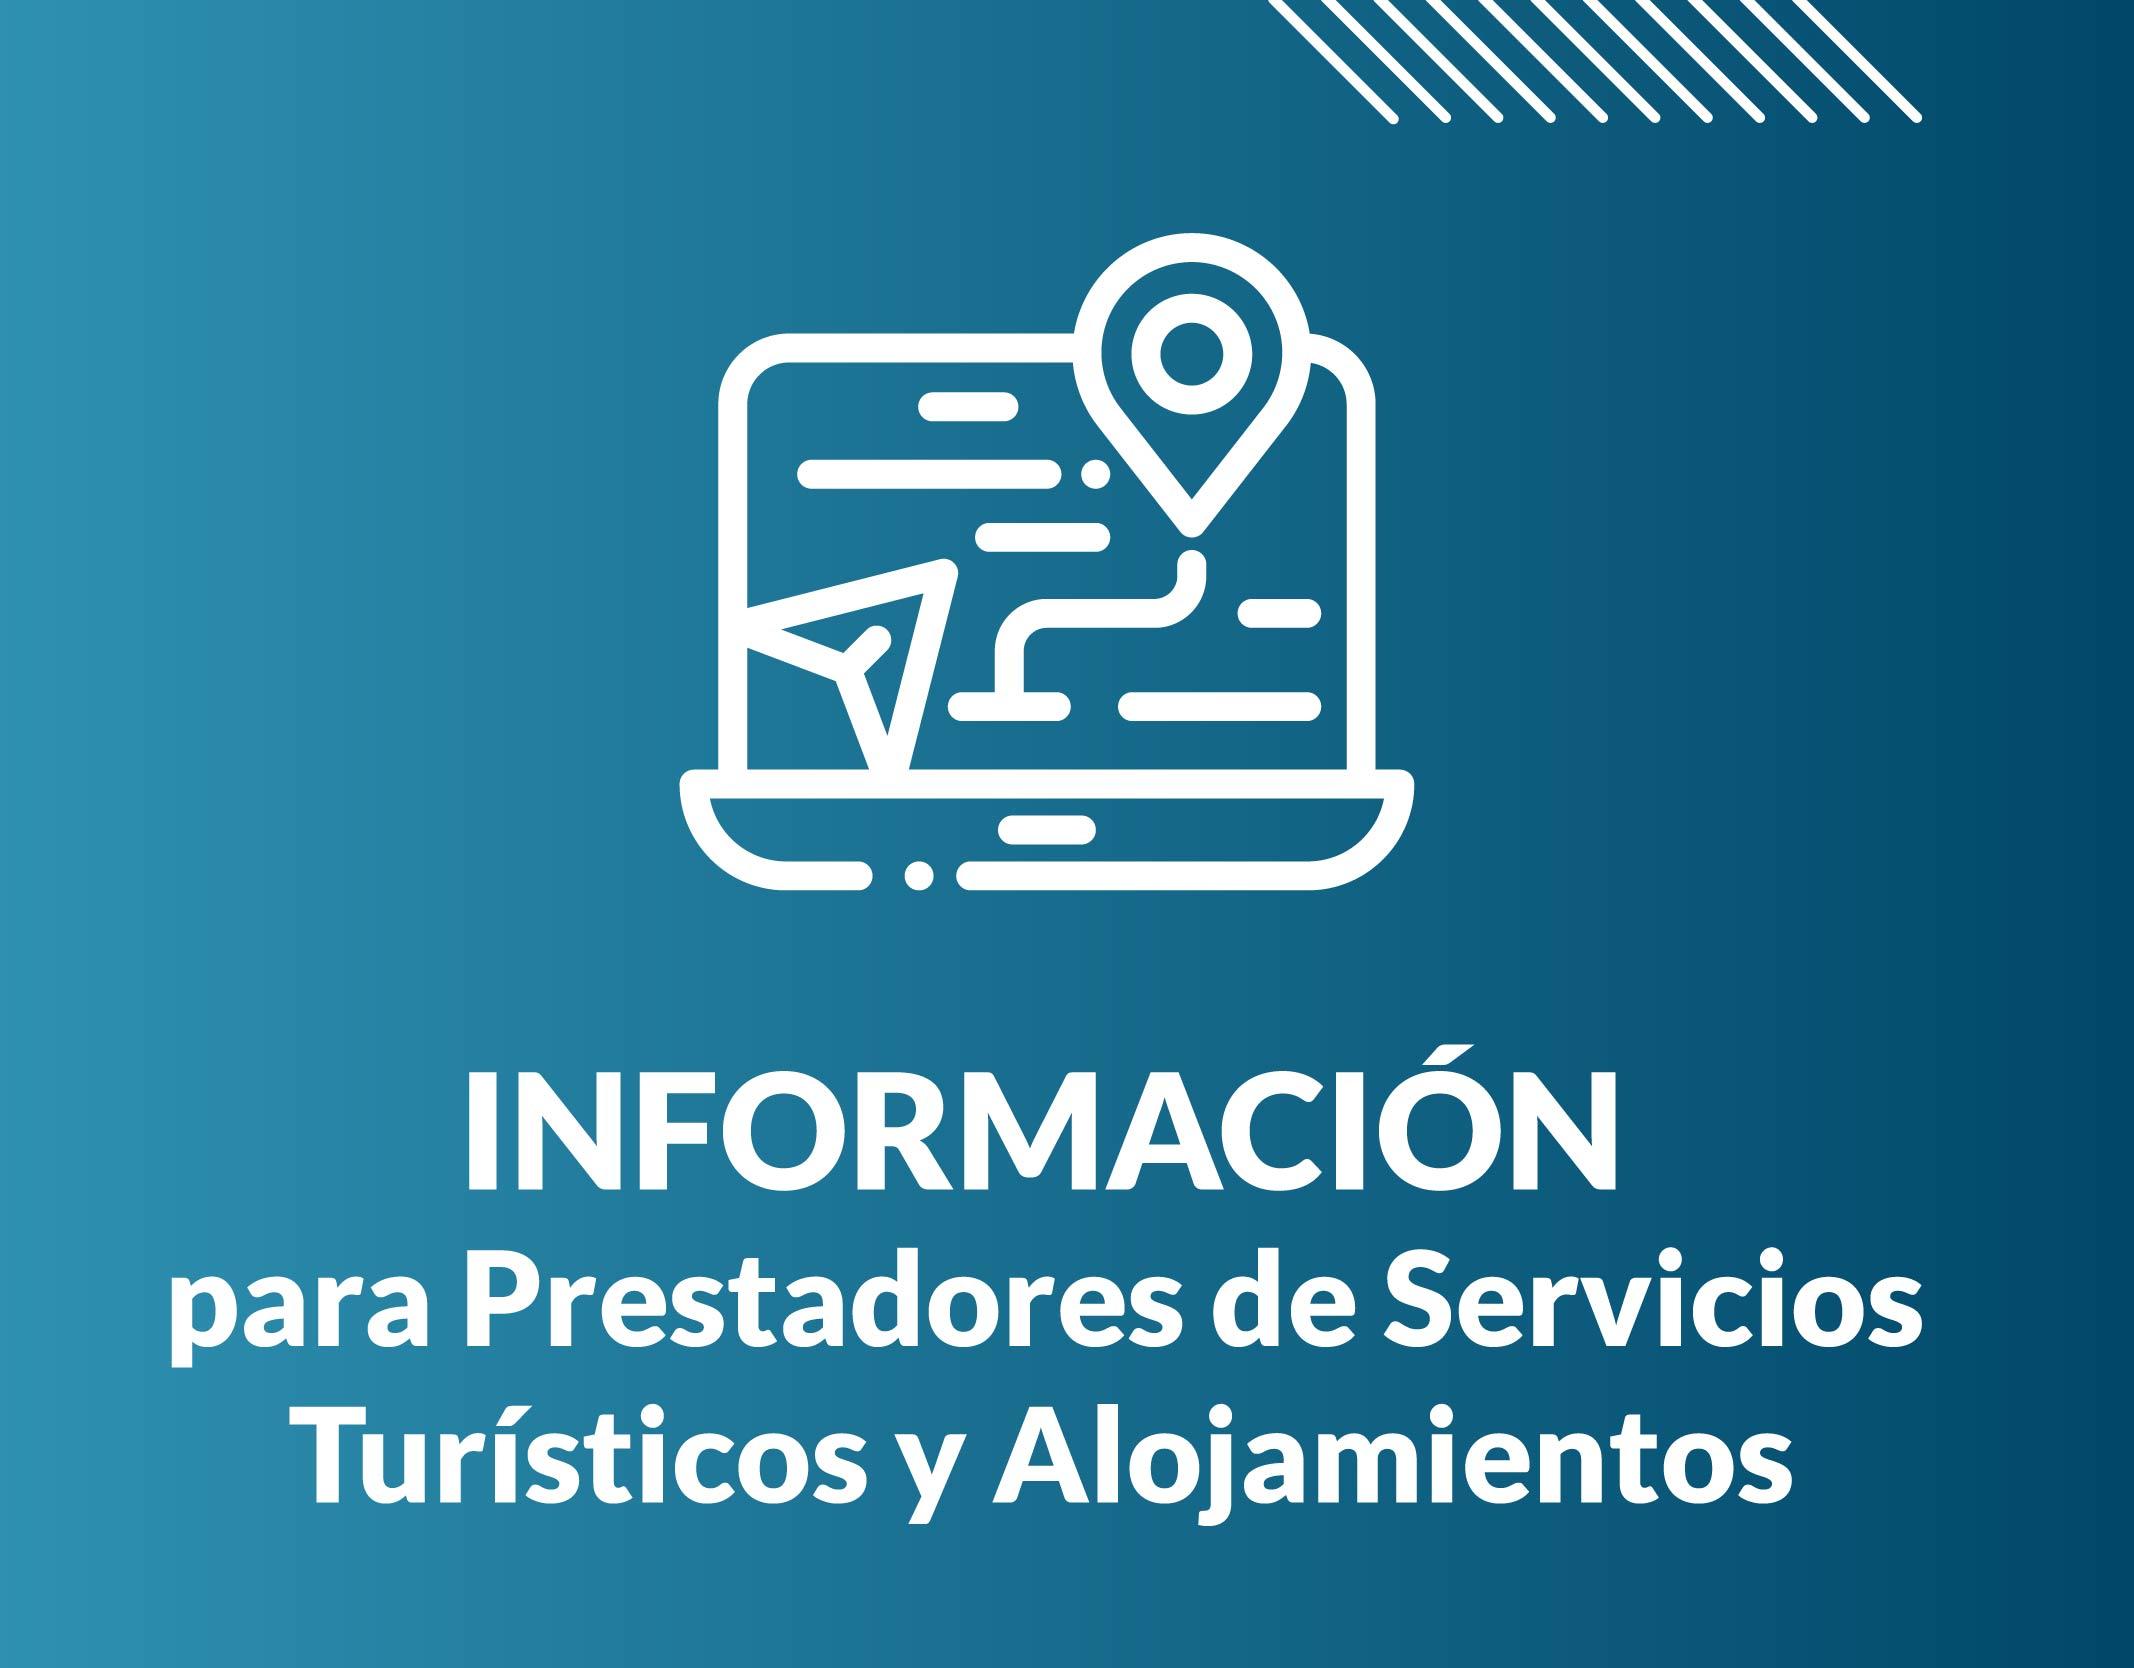 Información para Prestadores Turísticos y Alojamientos